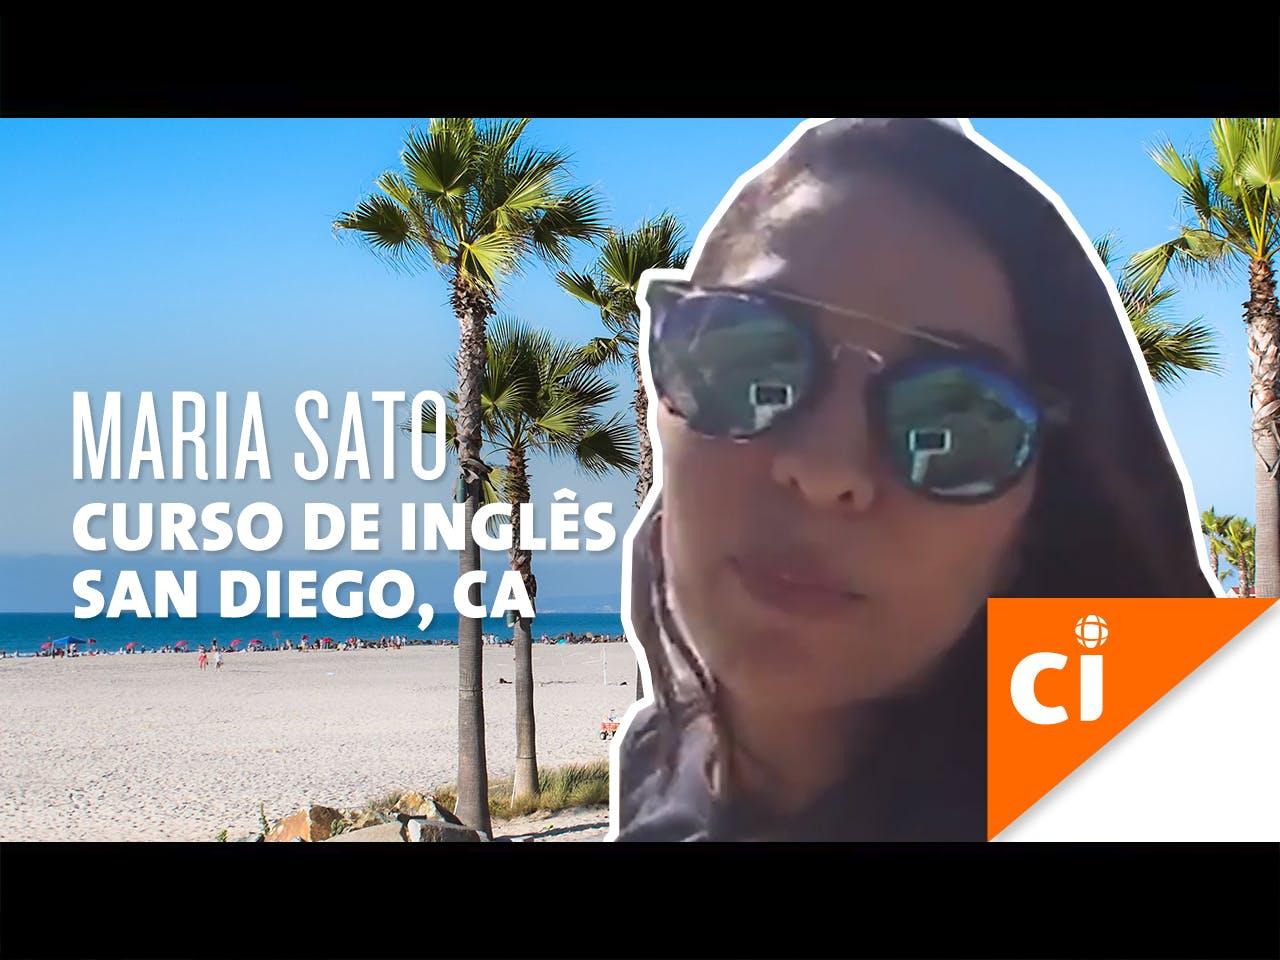 Maria Sato | #ViajanteCI